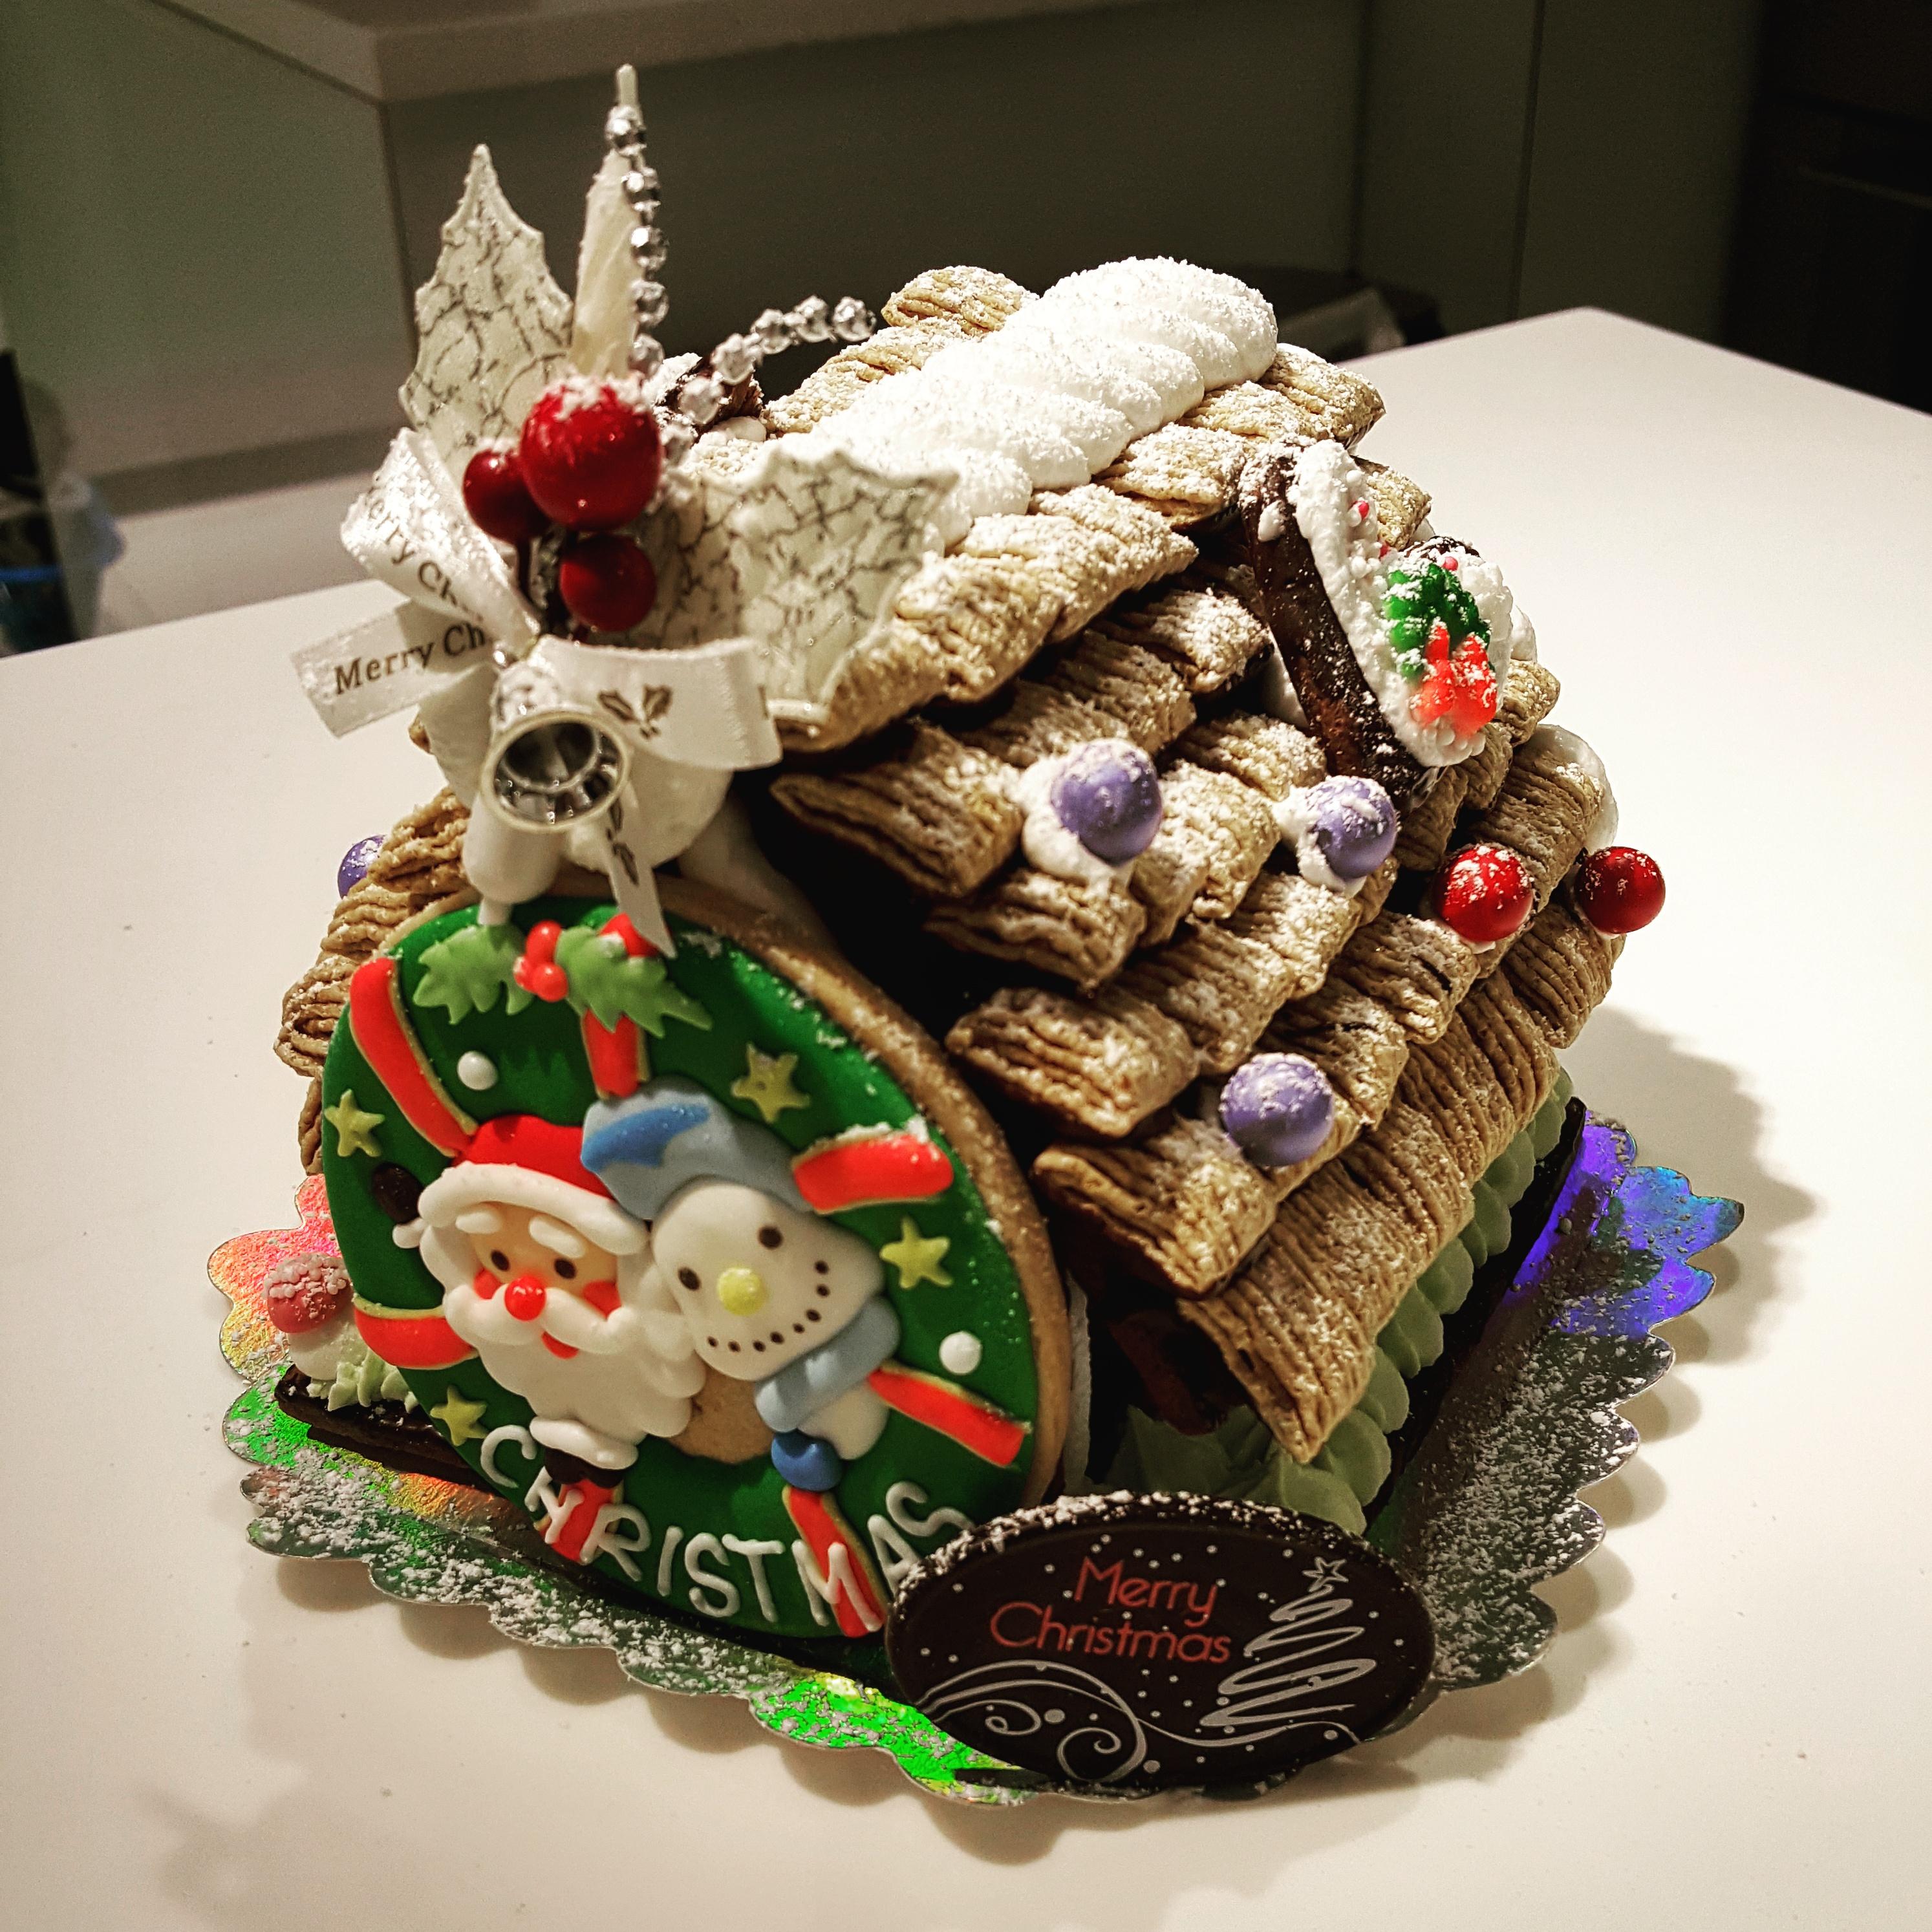 聖誕薑餅屋工作坊 - ART FOOD - K11